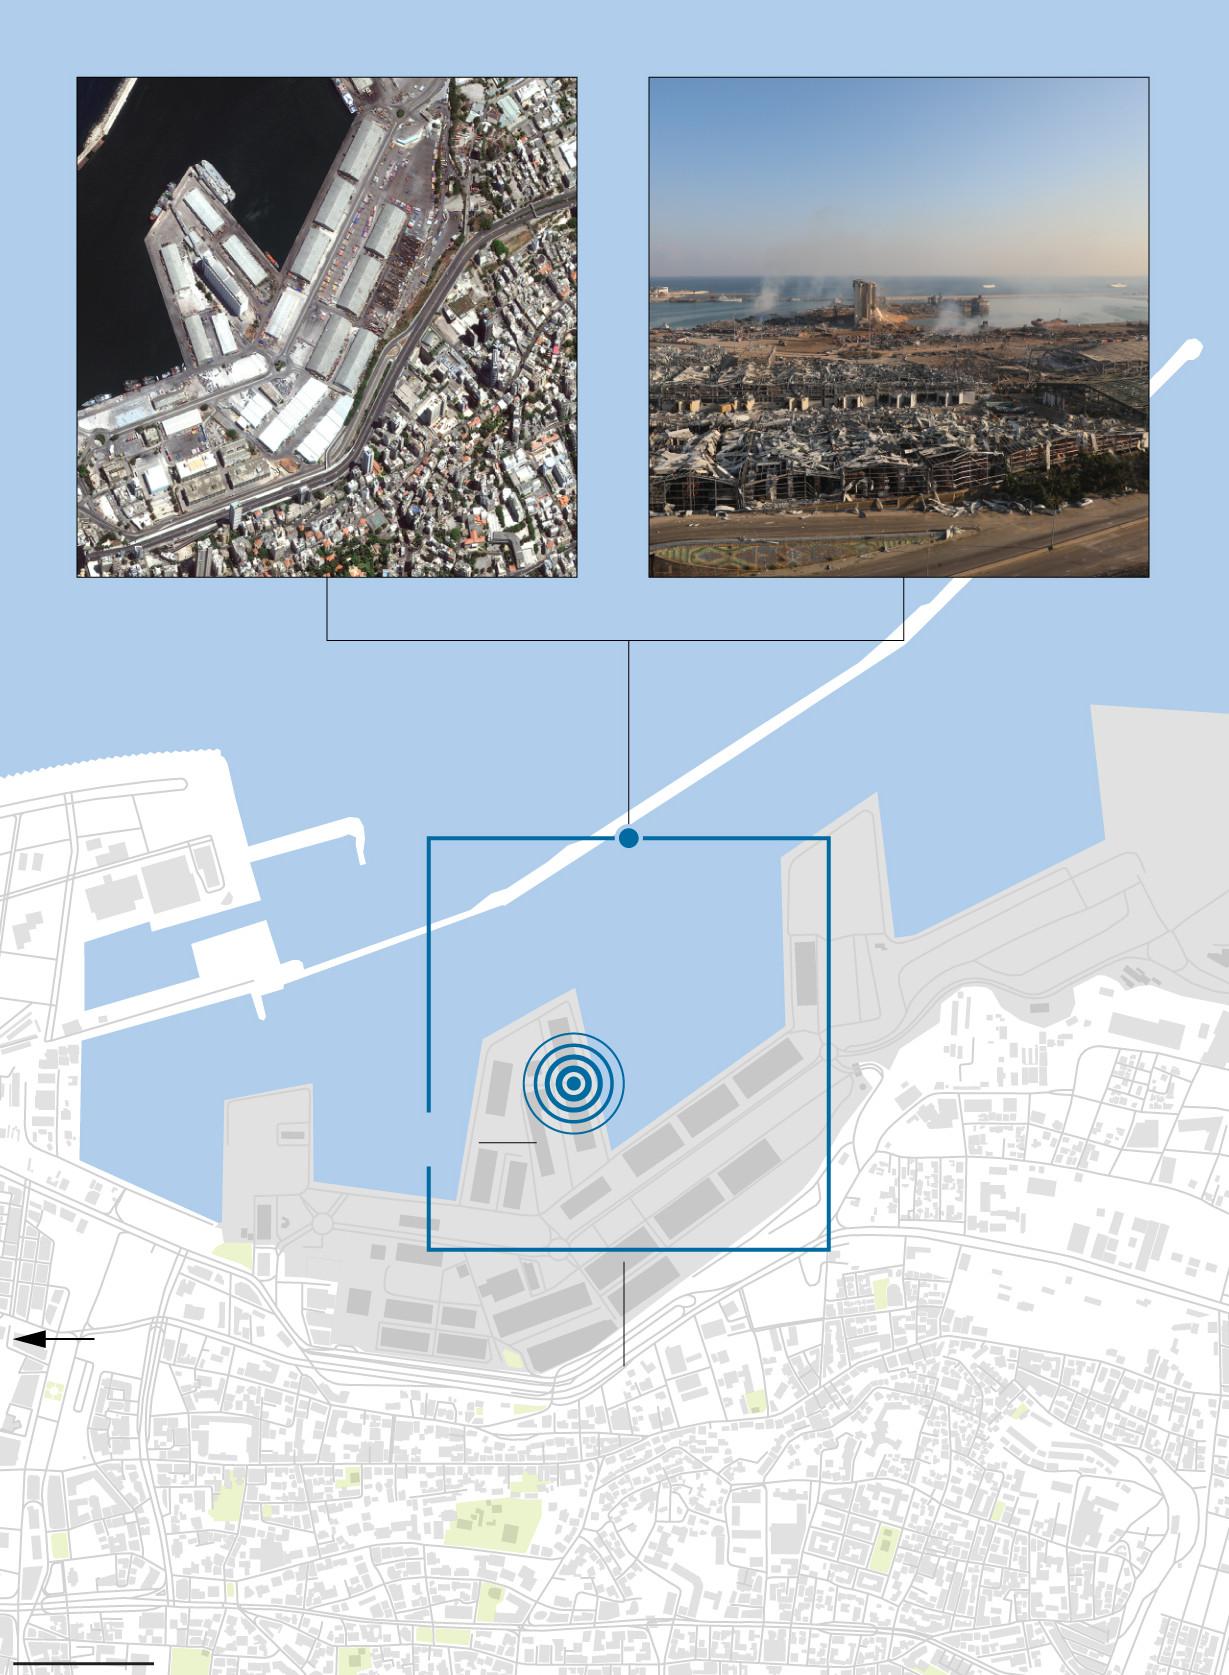 Doble explosión en Beirut